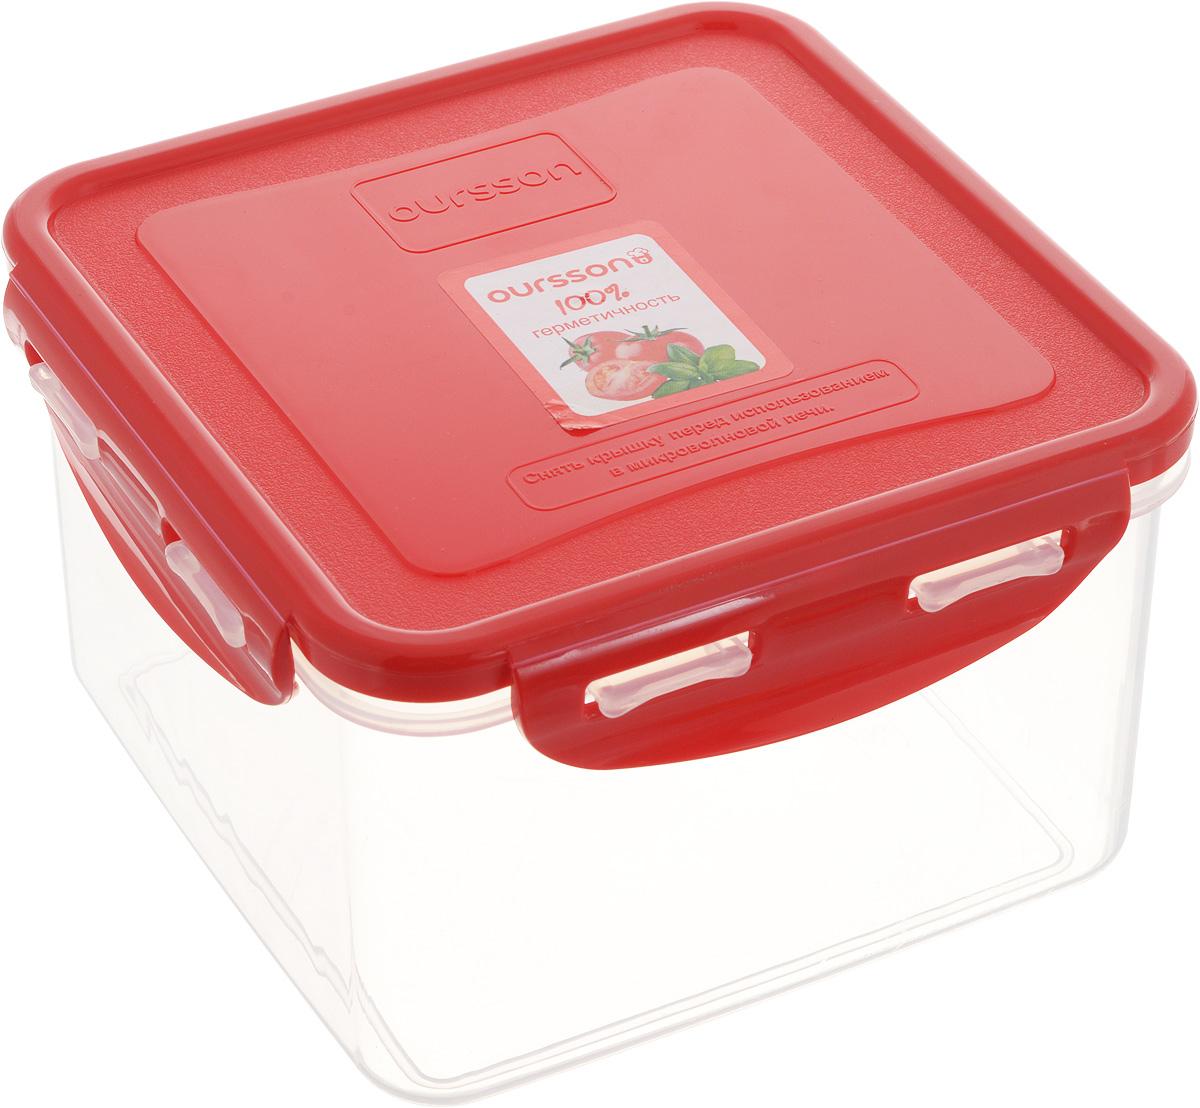 Контейнер квадратный Oursson, цвет: красный, 1,25 лCP1303S/RDПластиковый контейнер квадратный 1,25л, крышка с защелками, силиконовый уплотнитель, 100% герметичность, цвет крышки Красный.